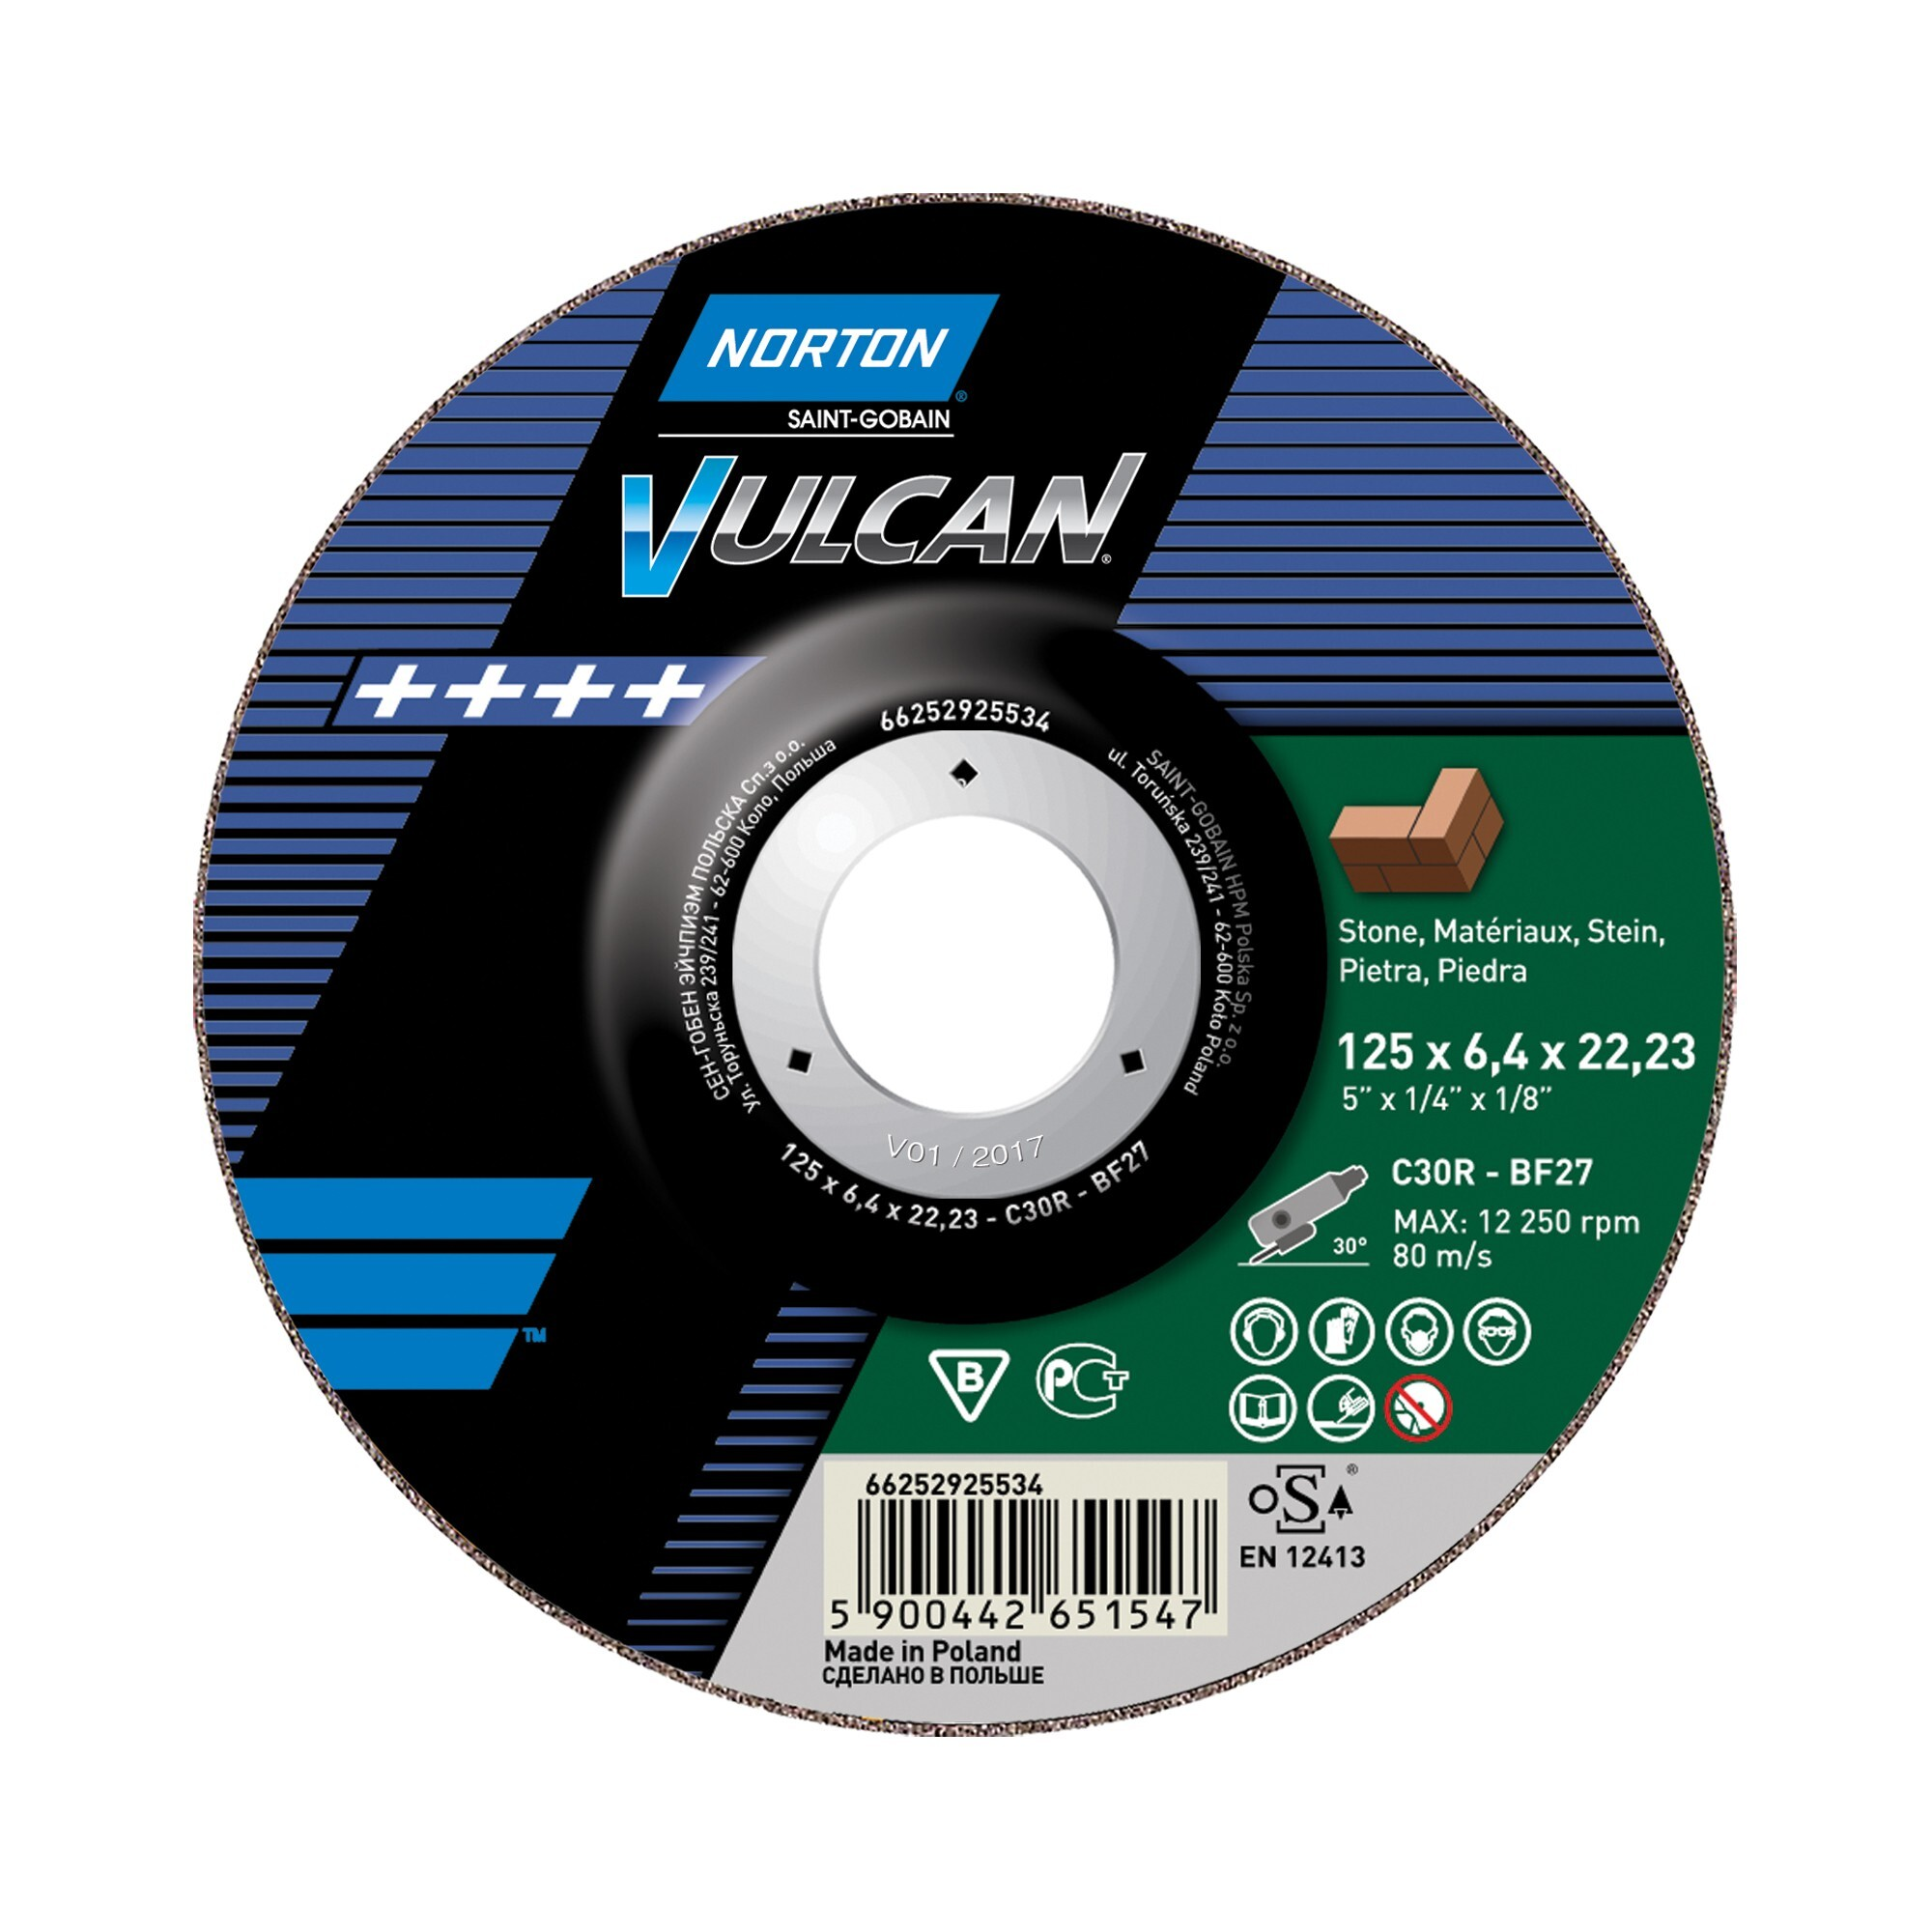 10 x NORTON Schruppscheibe gekröpft |  115x6,4x22,23  C 30 R Vulcan | 66252925533